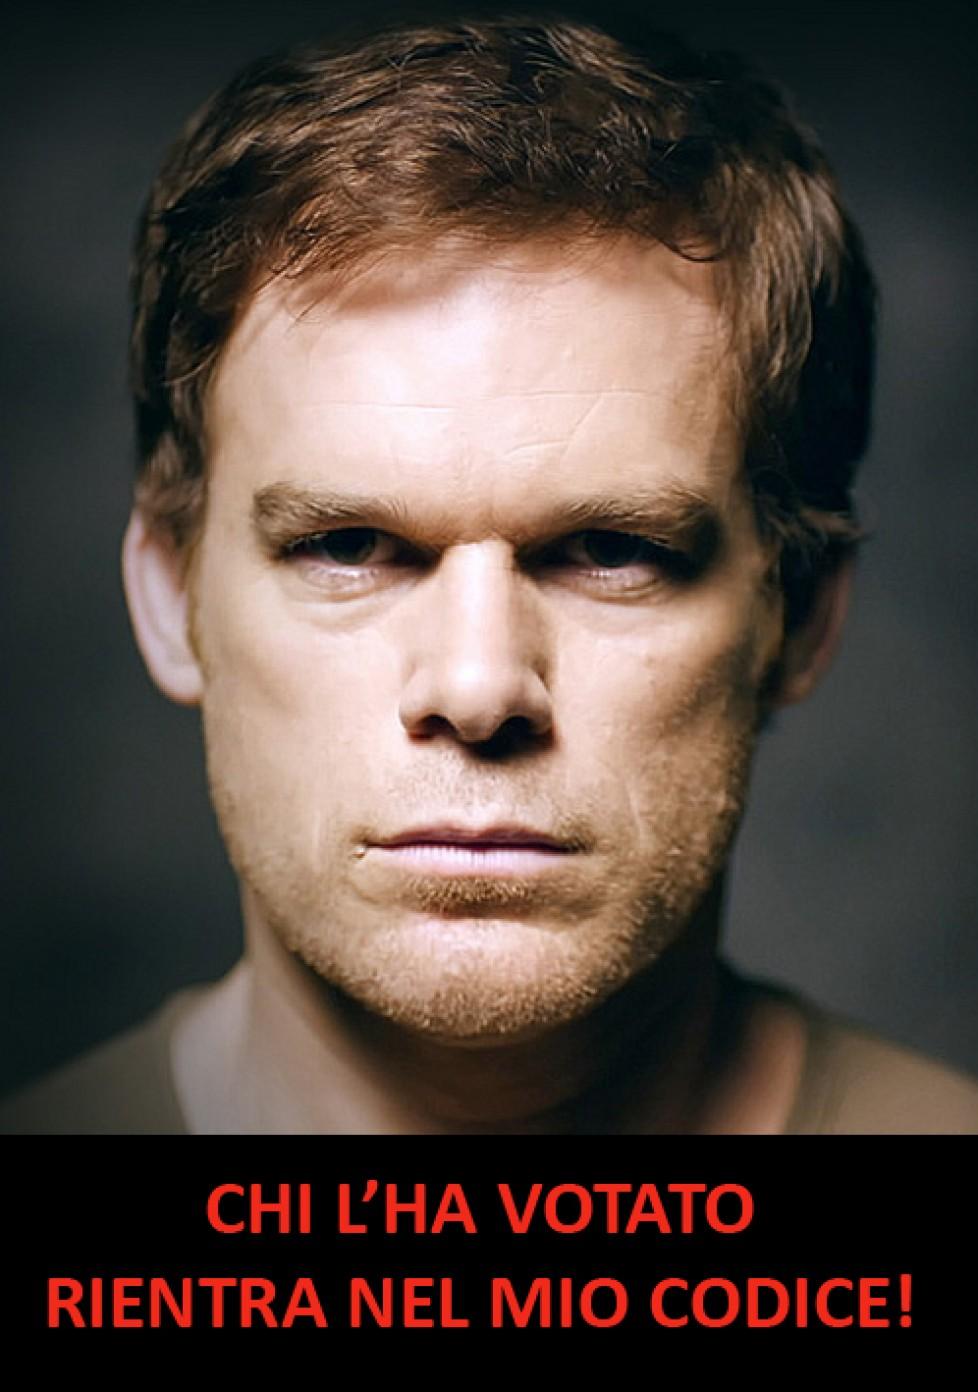 Dexter code